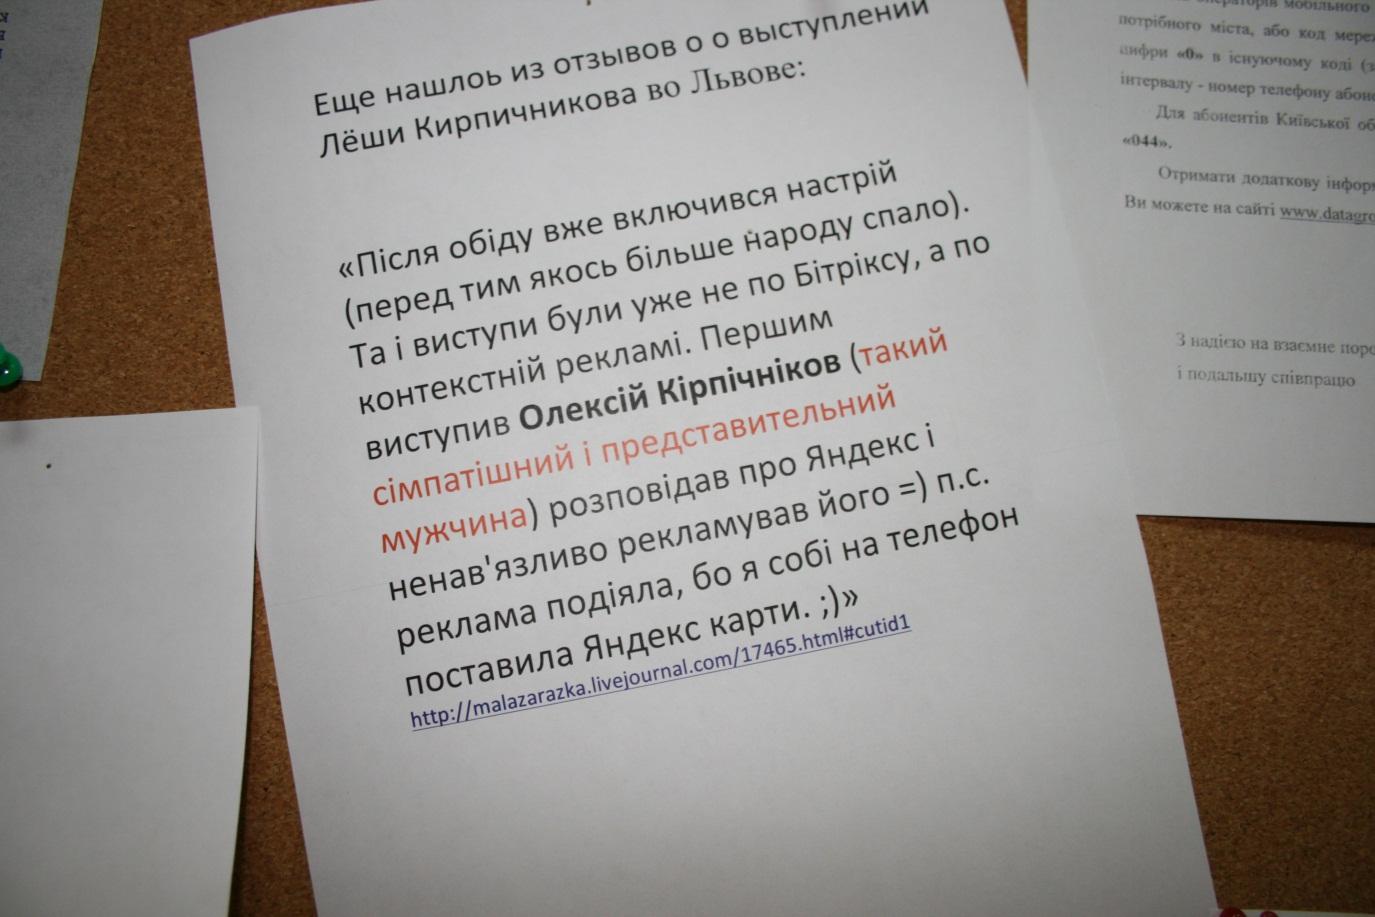 Отзыв о выступлении Лёши Кирпичникова